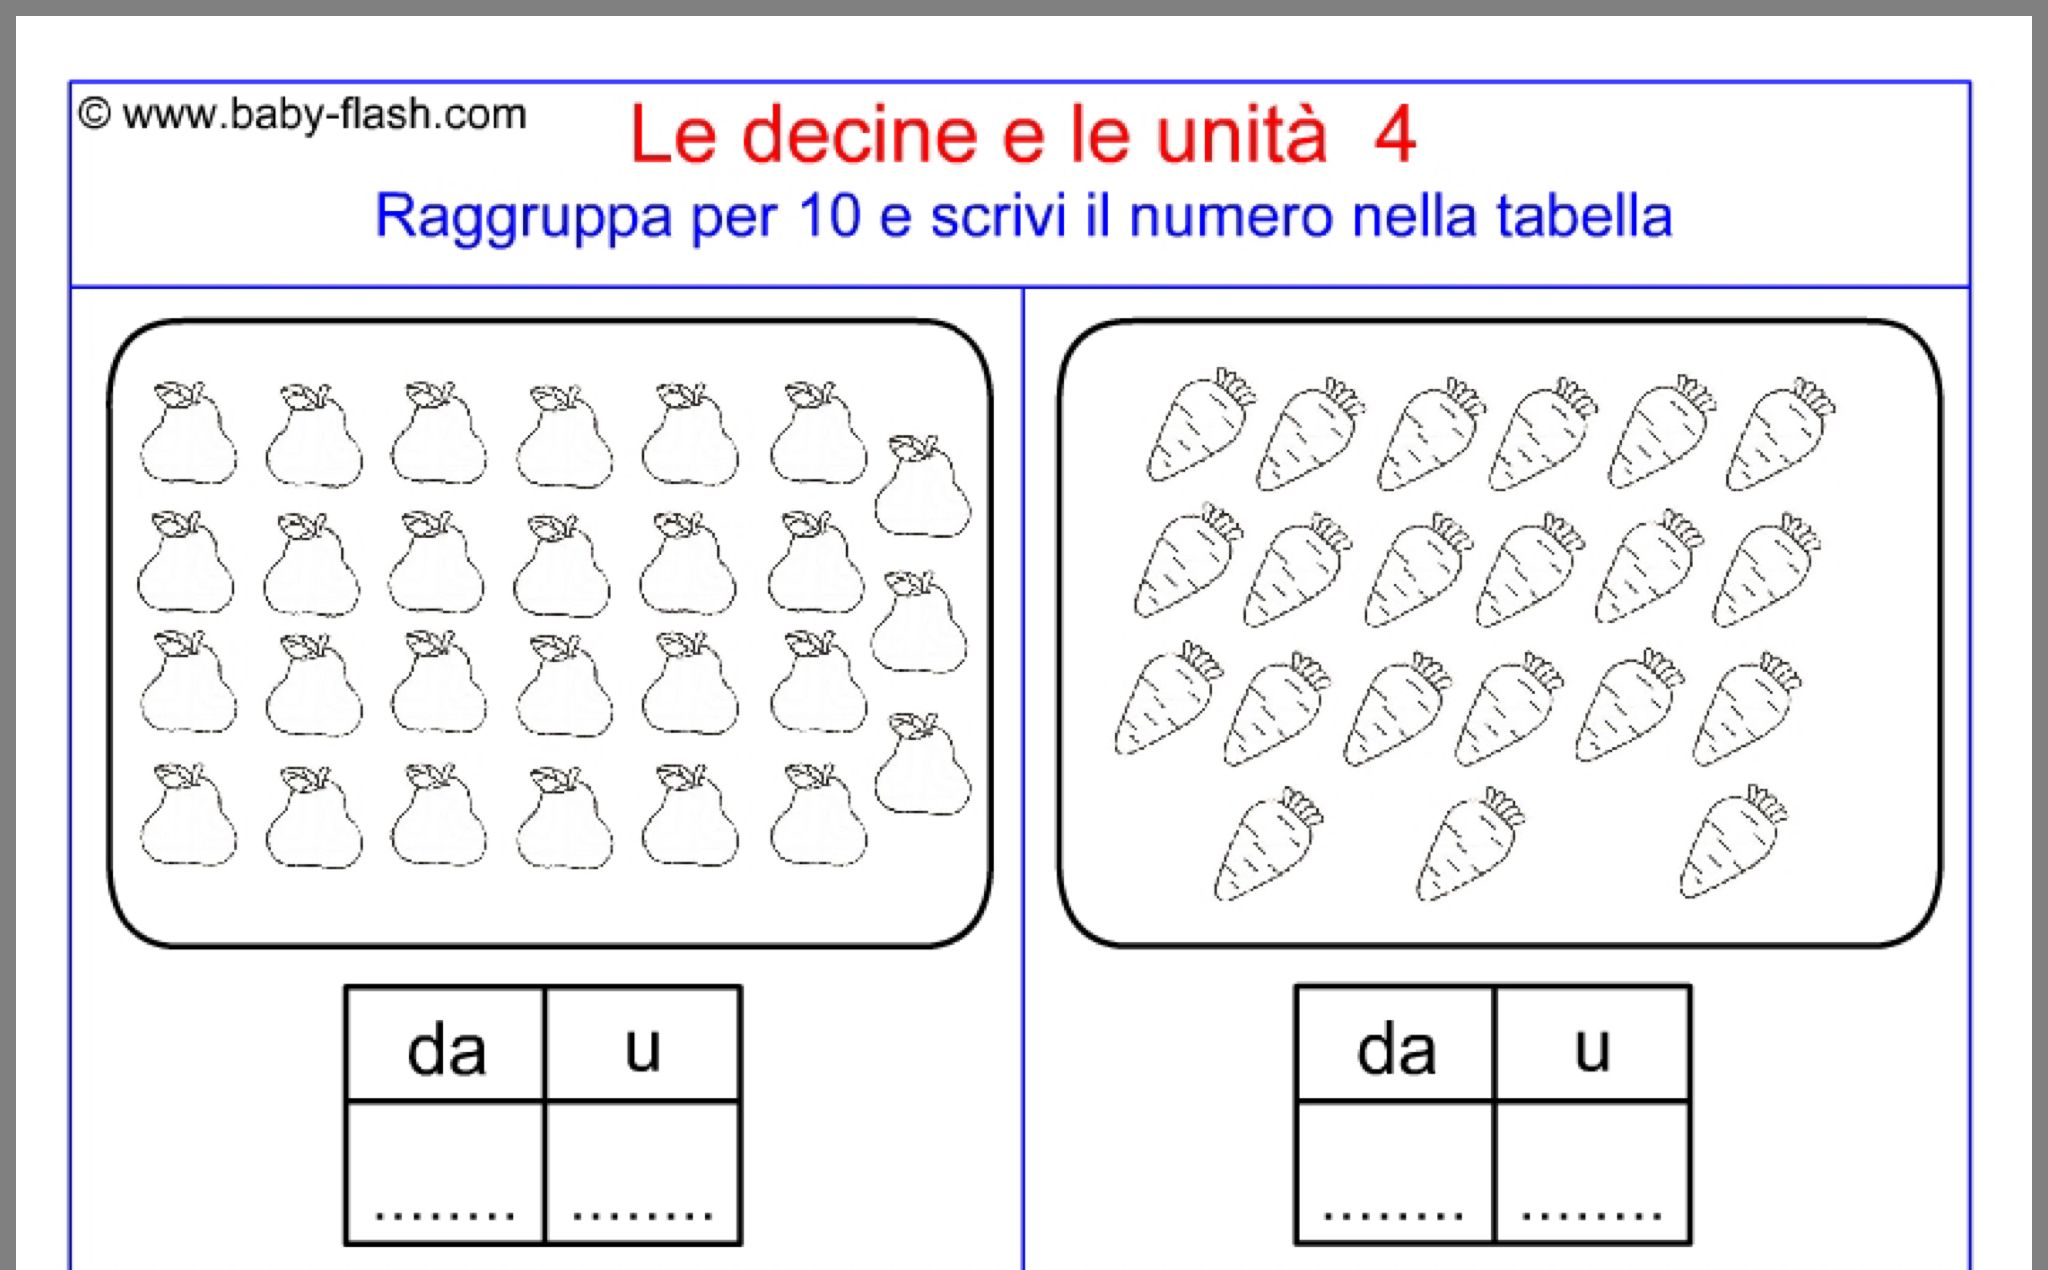 Pin By Carmencita On Materiale Didattico Matematica